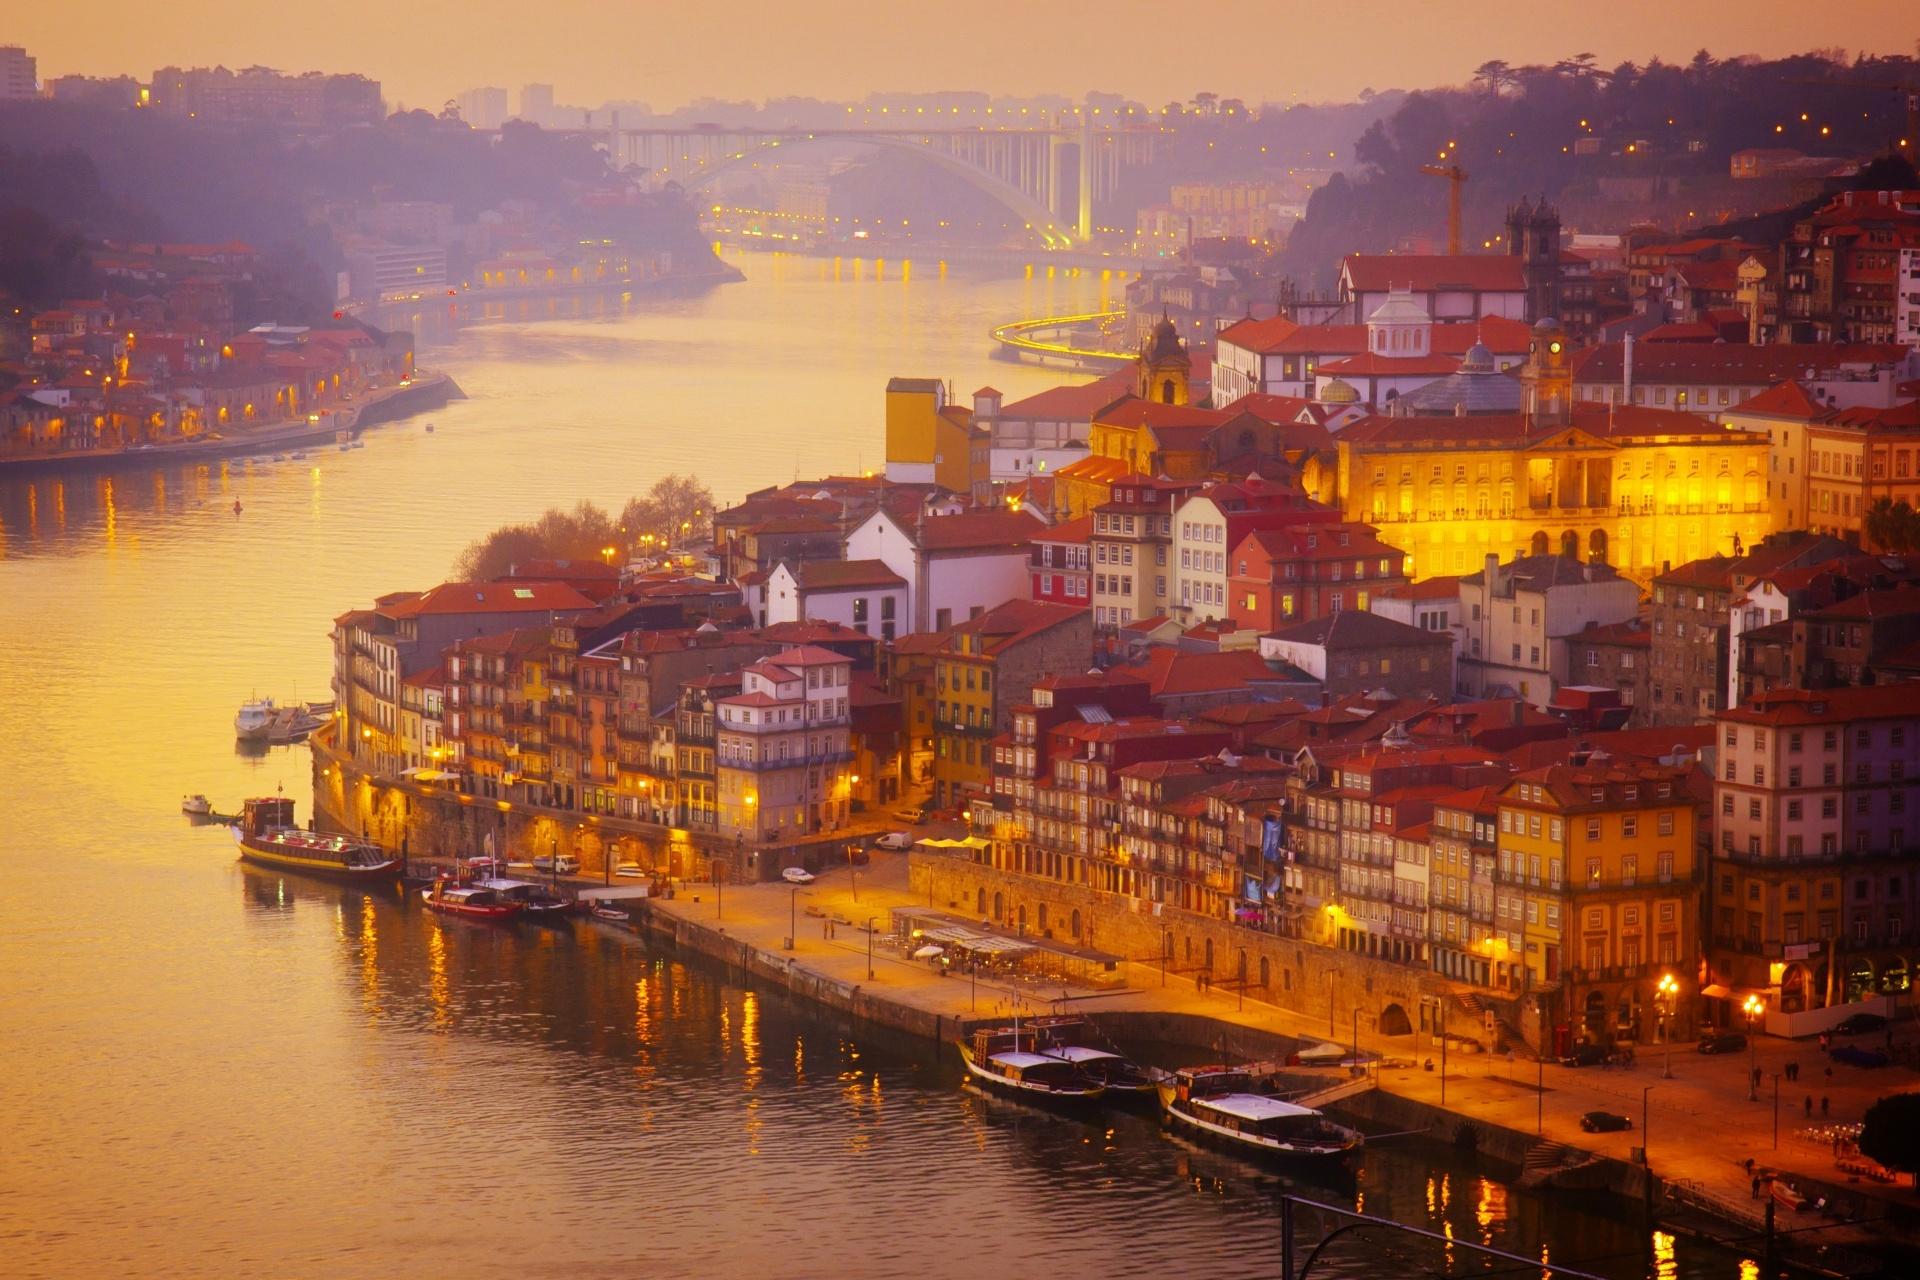 ドウロ川の夕暮れ ポルトガルの風景